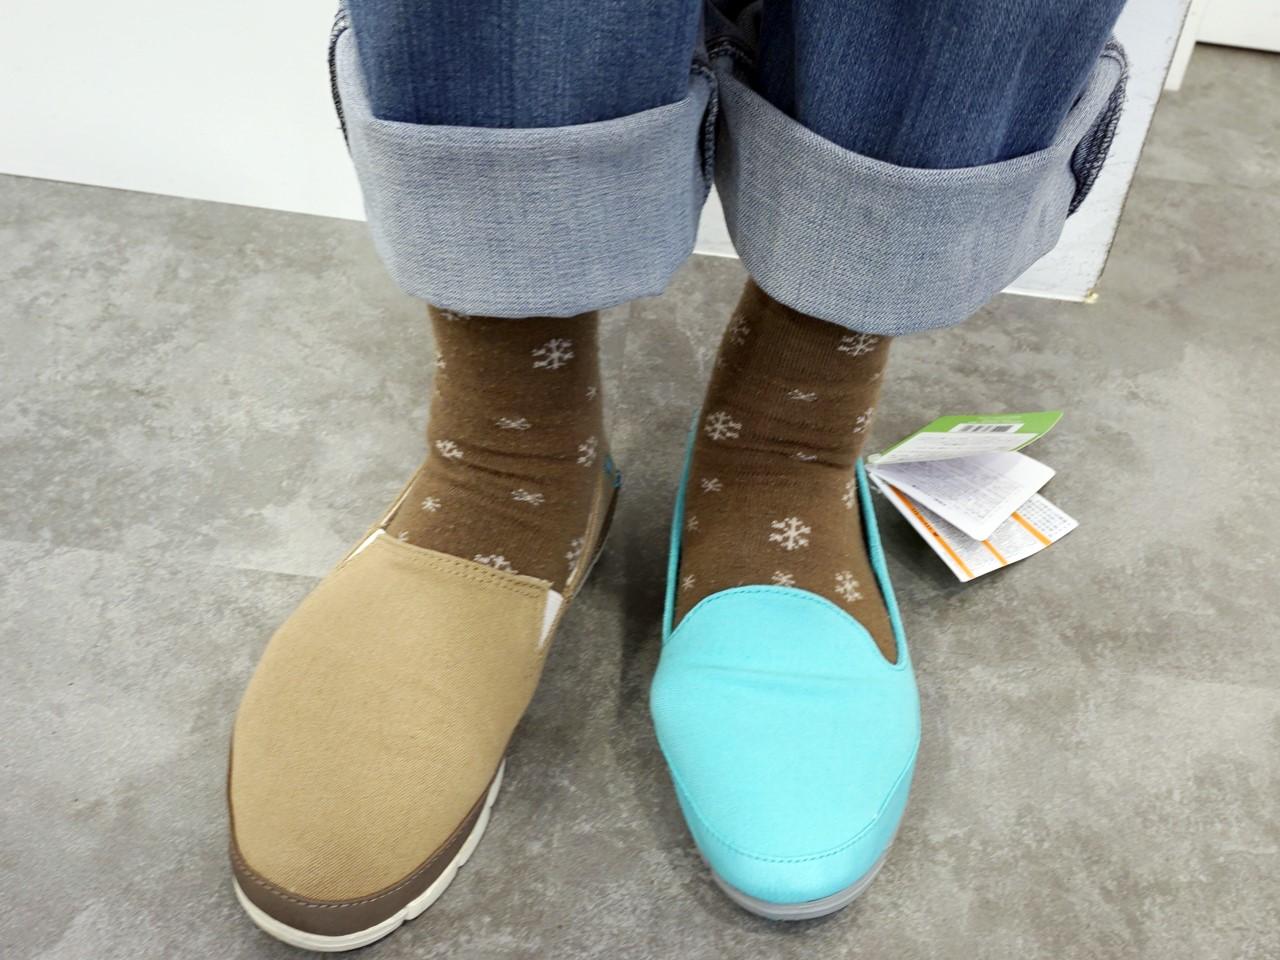 クロックスのキャンバス地のローファー新「stretch sole skimmer w(ストレッチ ソール スキマー ウィメン)」旧「stretch sole loafer w(ストレッチ ソール ローファー ウィメン)」履き比べ